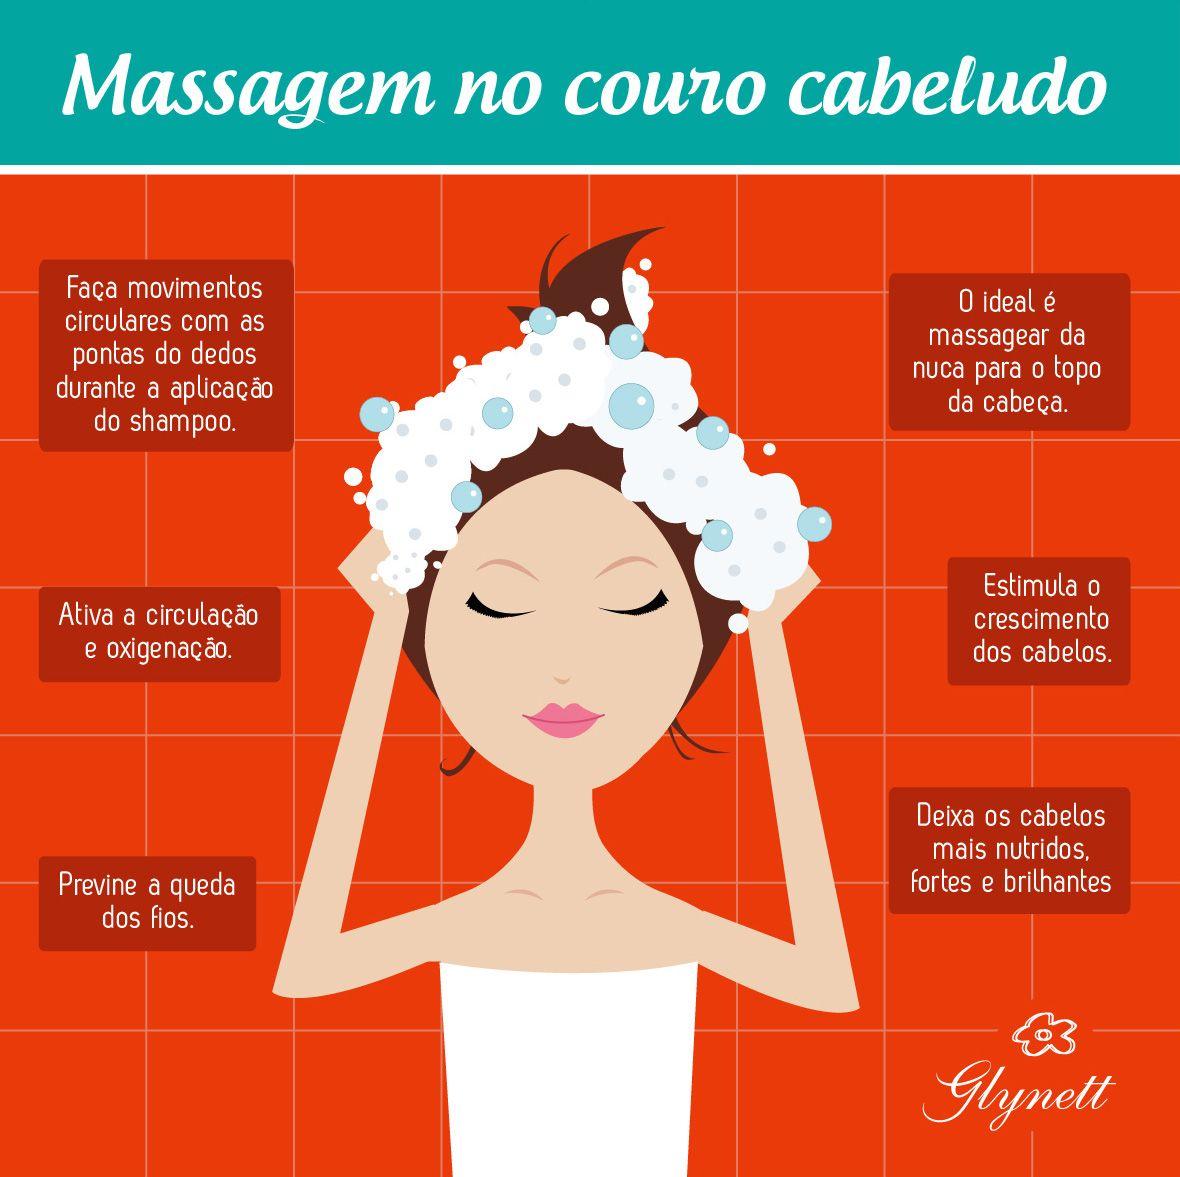 Confira Por Que As Massagens Sao Tao Importantes Para Os Cabelos